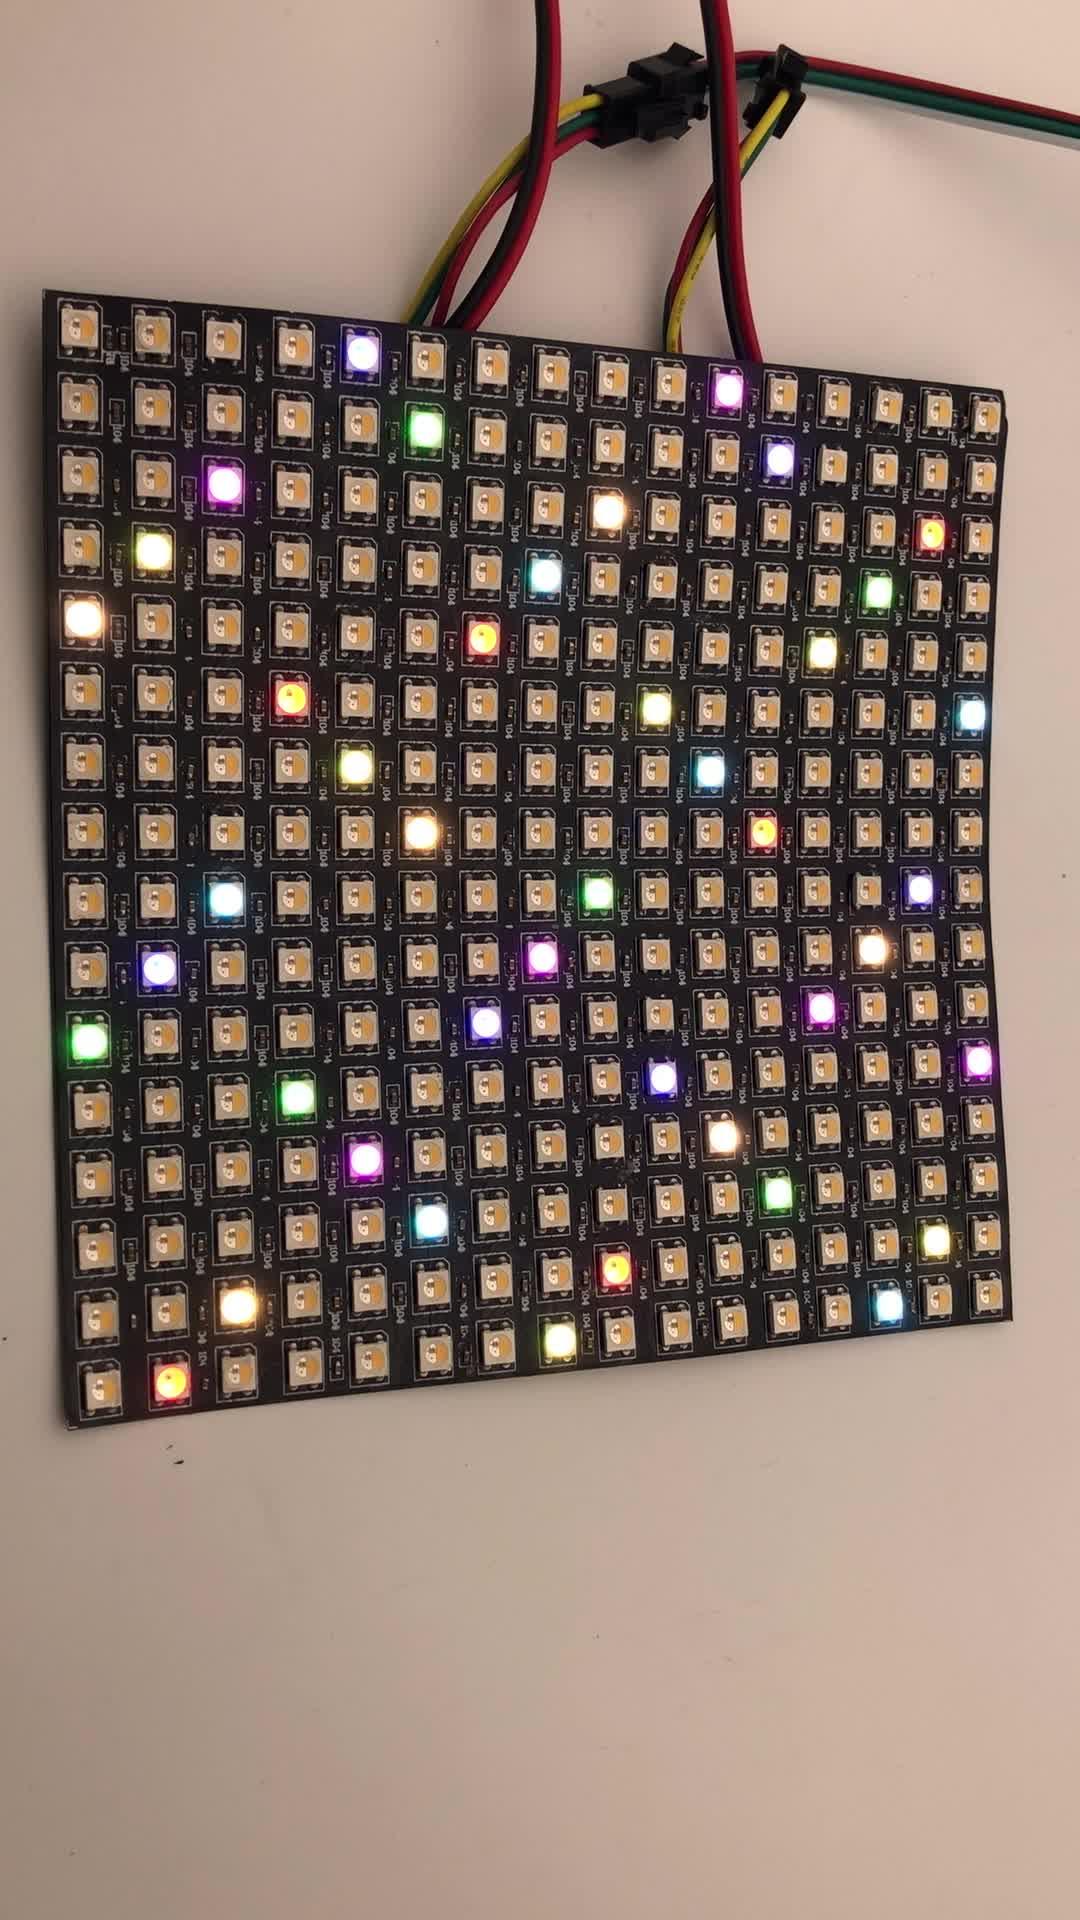 SK6812 RGBW Dot LED Matrix 8x8 - 64 RGBW LED Pixels